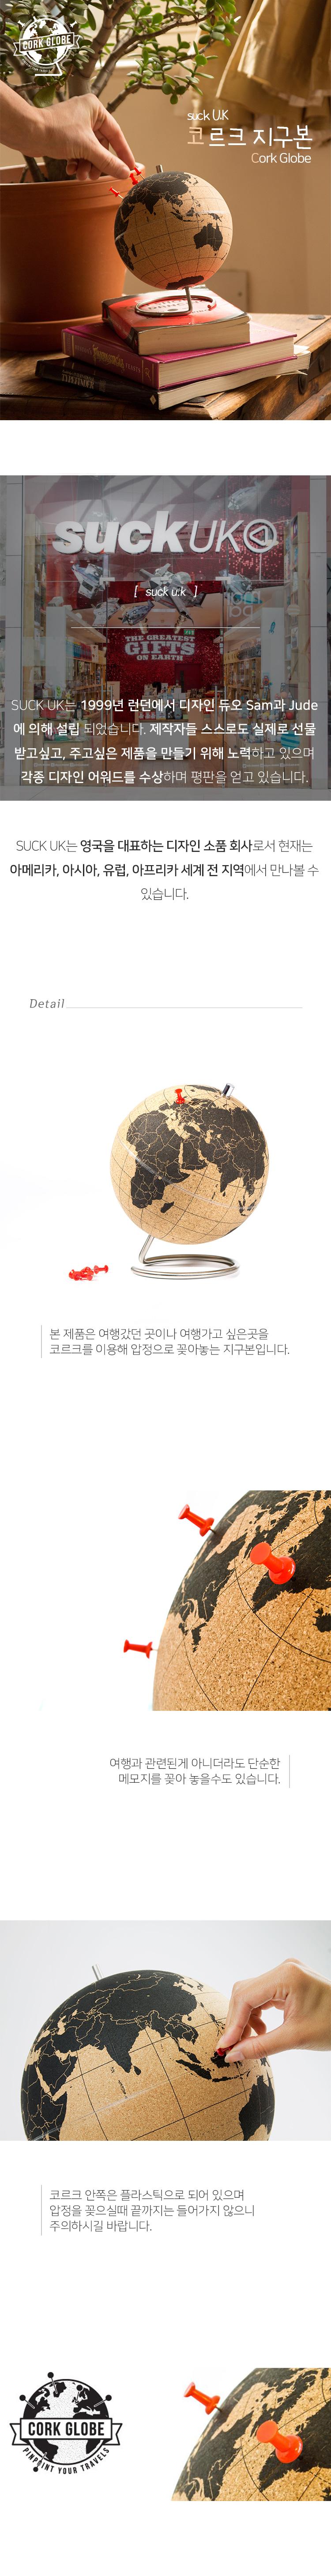 코르크 지구본 메모 꽂이 보드판 - 원더스토어, 79,000원, 장식소품, 지구본